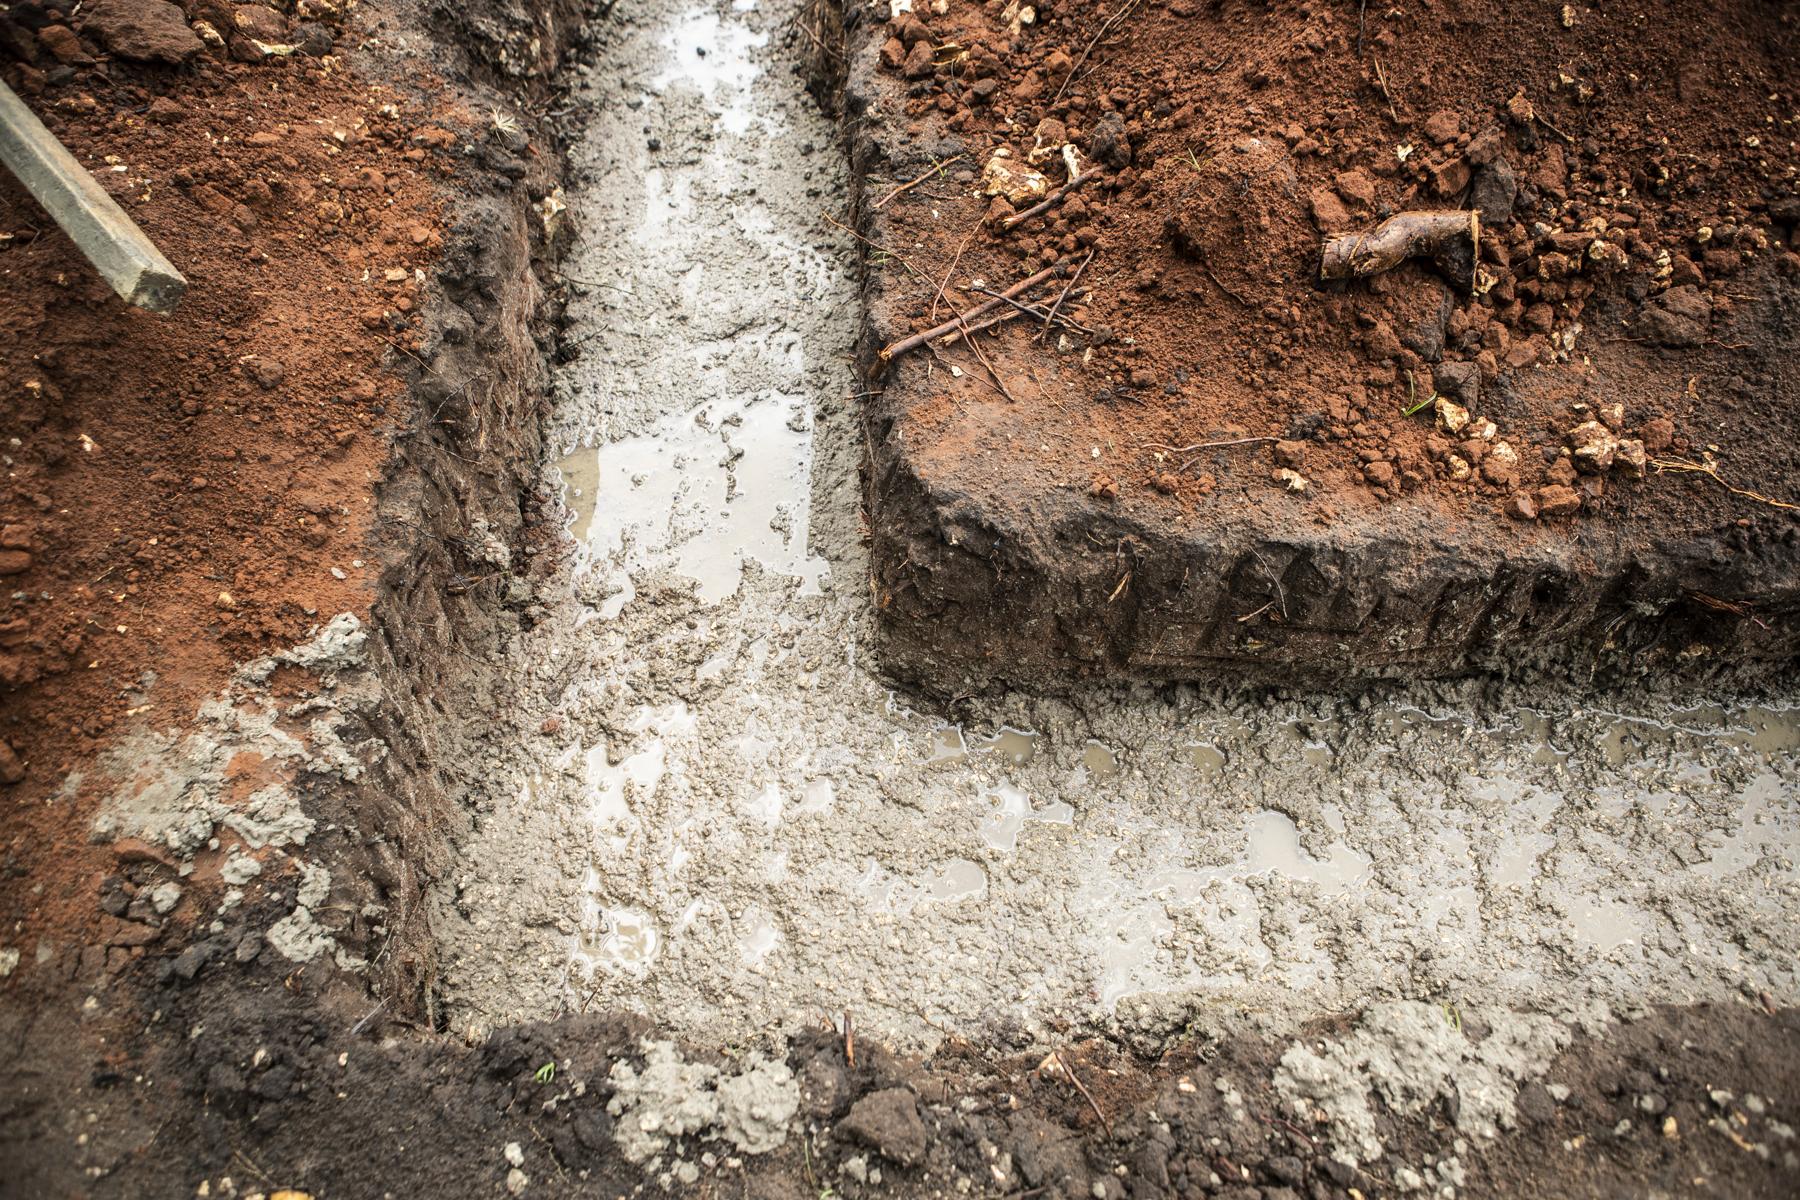 Das Fundament ist fertig gegossen. Starker Regen zwingt die Fundis zur Pause.